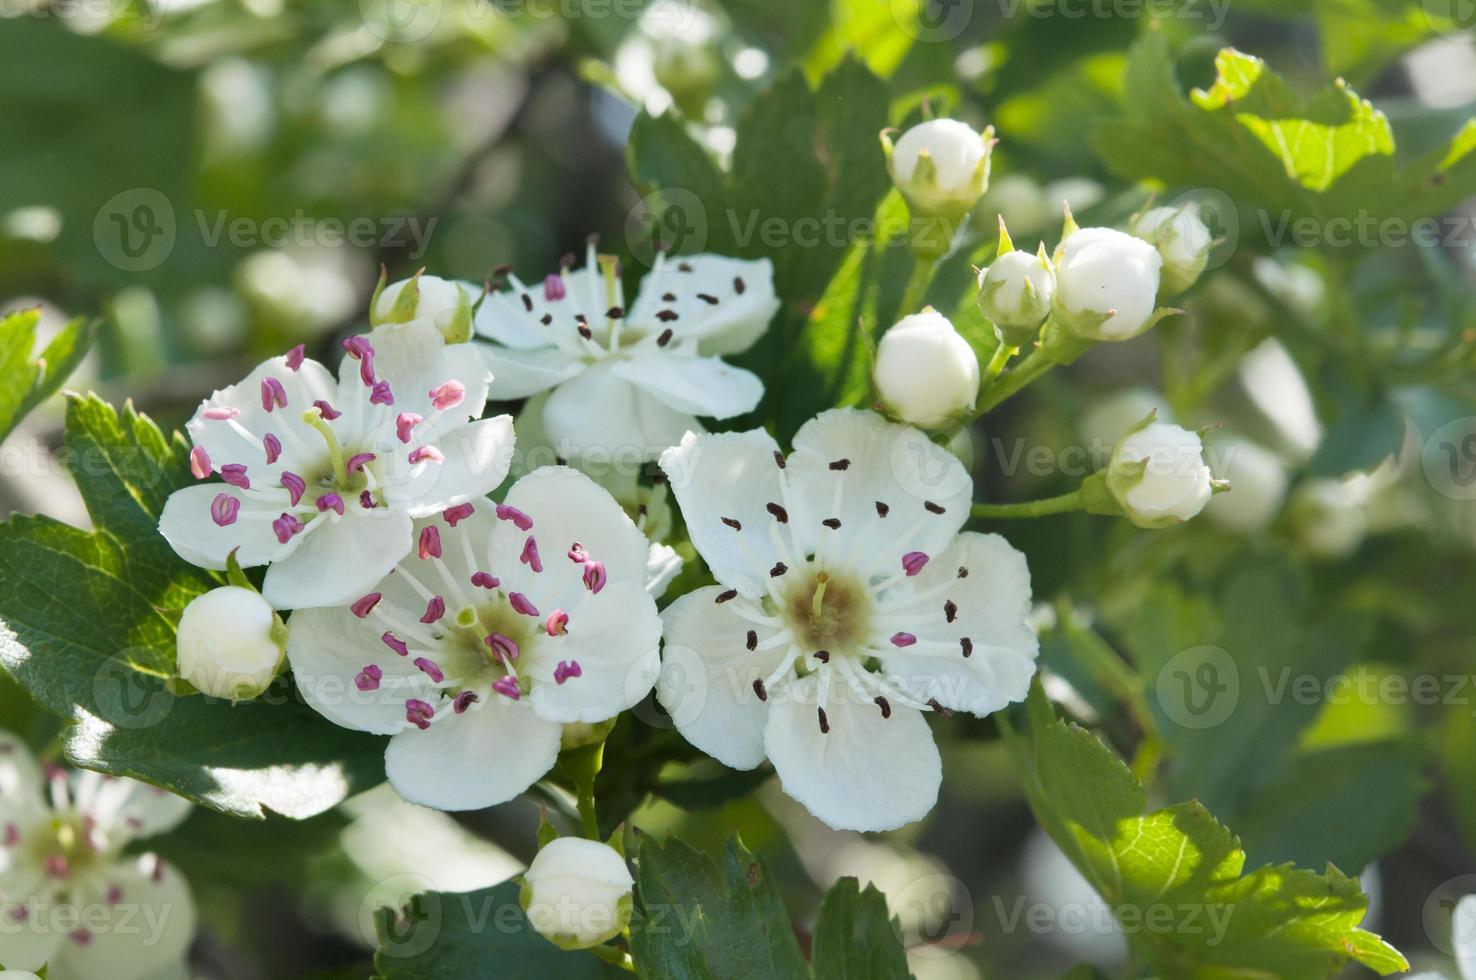 meidoorn bloemen close-up foto